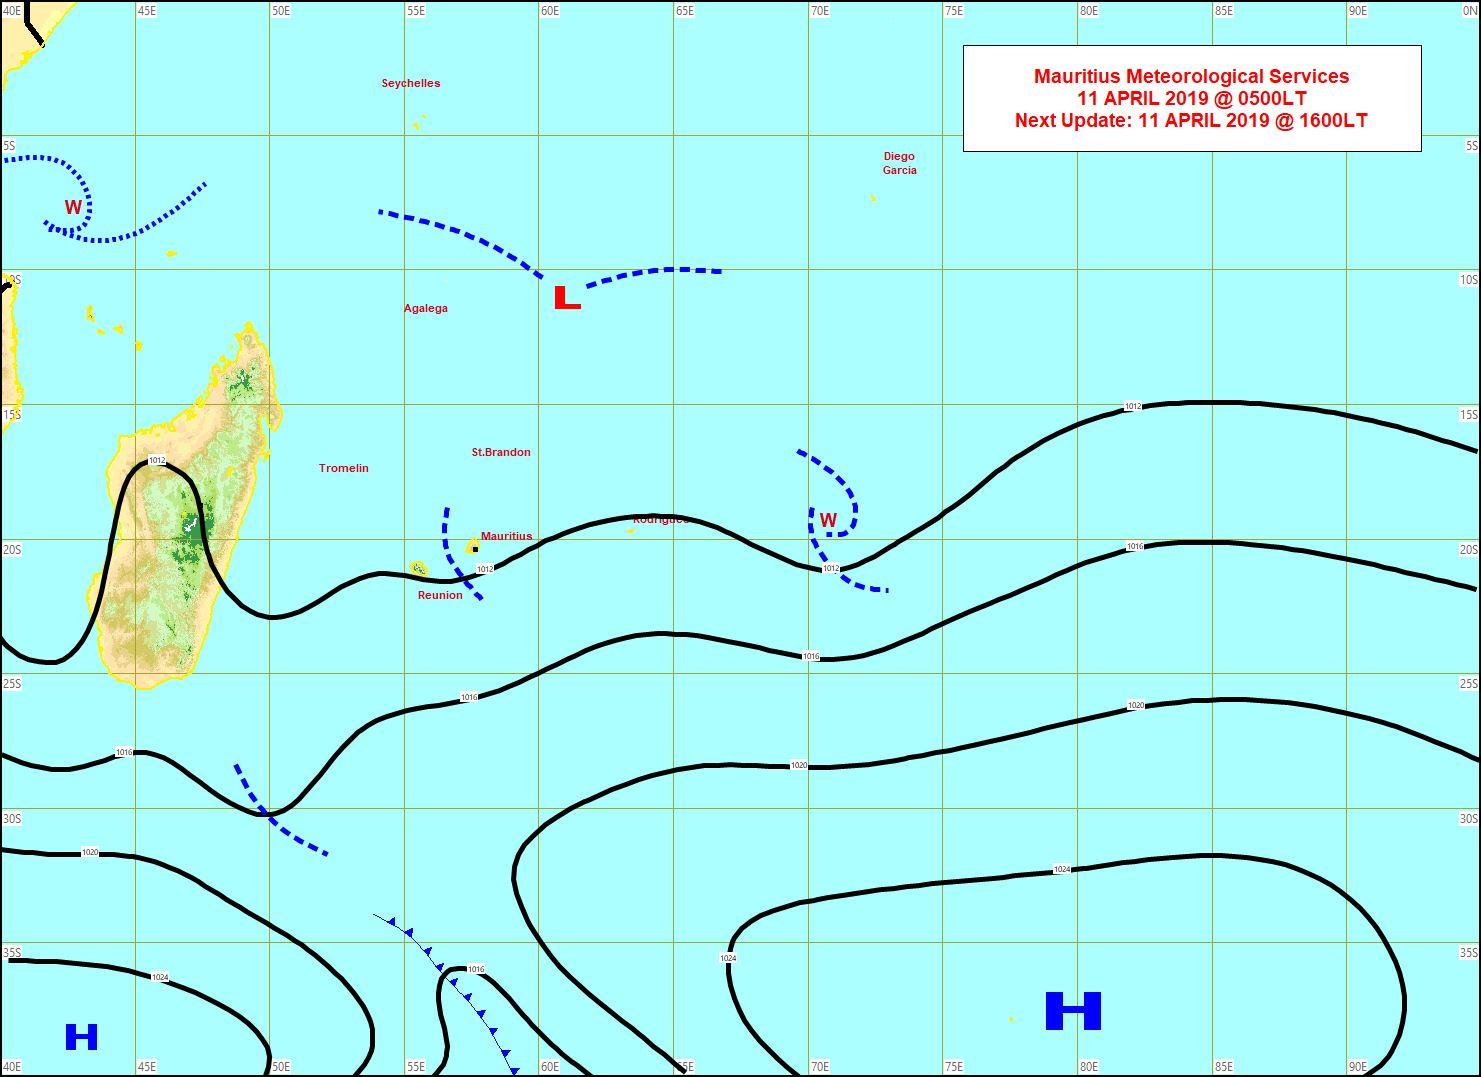 Carte établie par MMS/Vacoas à 4heures. Les vents ont faibli quelque peu sur les Mascareignes. Le flux est modéré. La haute mer reste agitée mais moins houleuse.